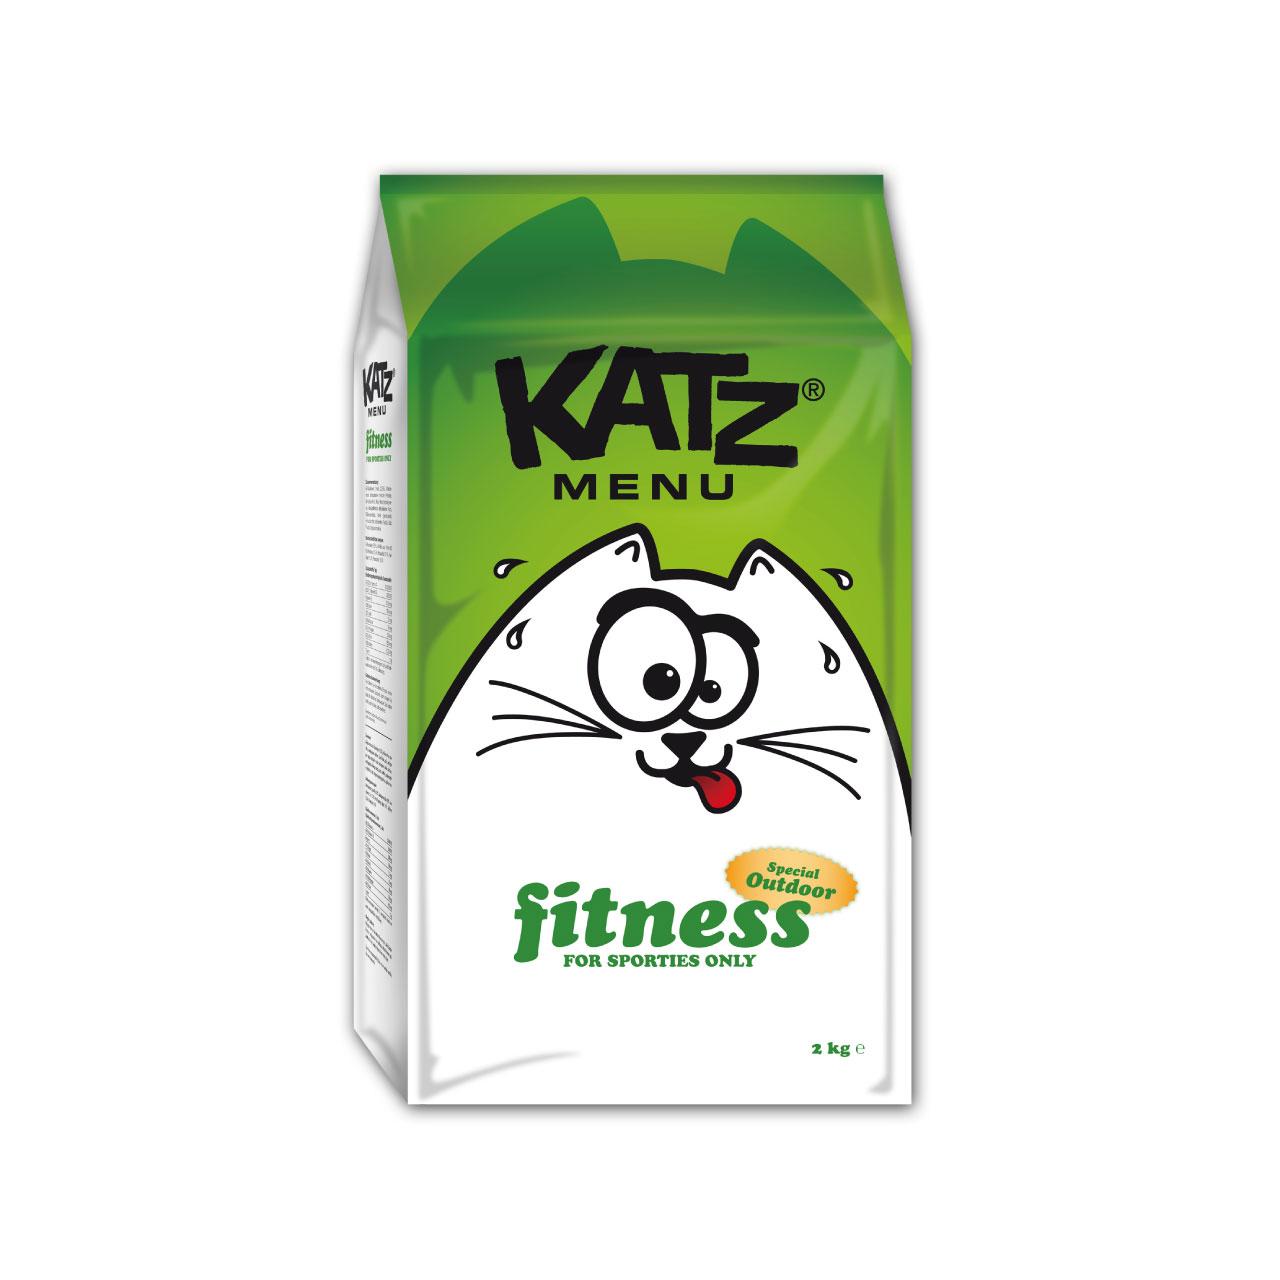 fitness-2kg.jpg